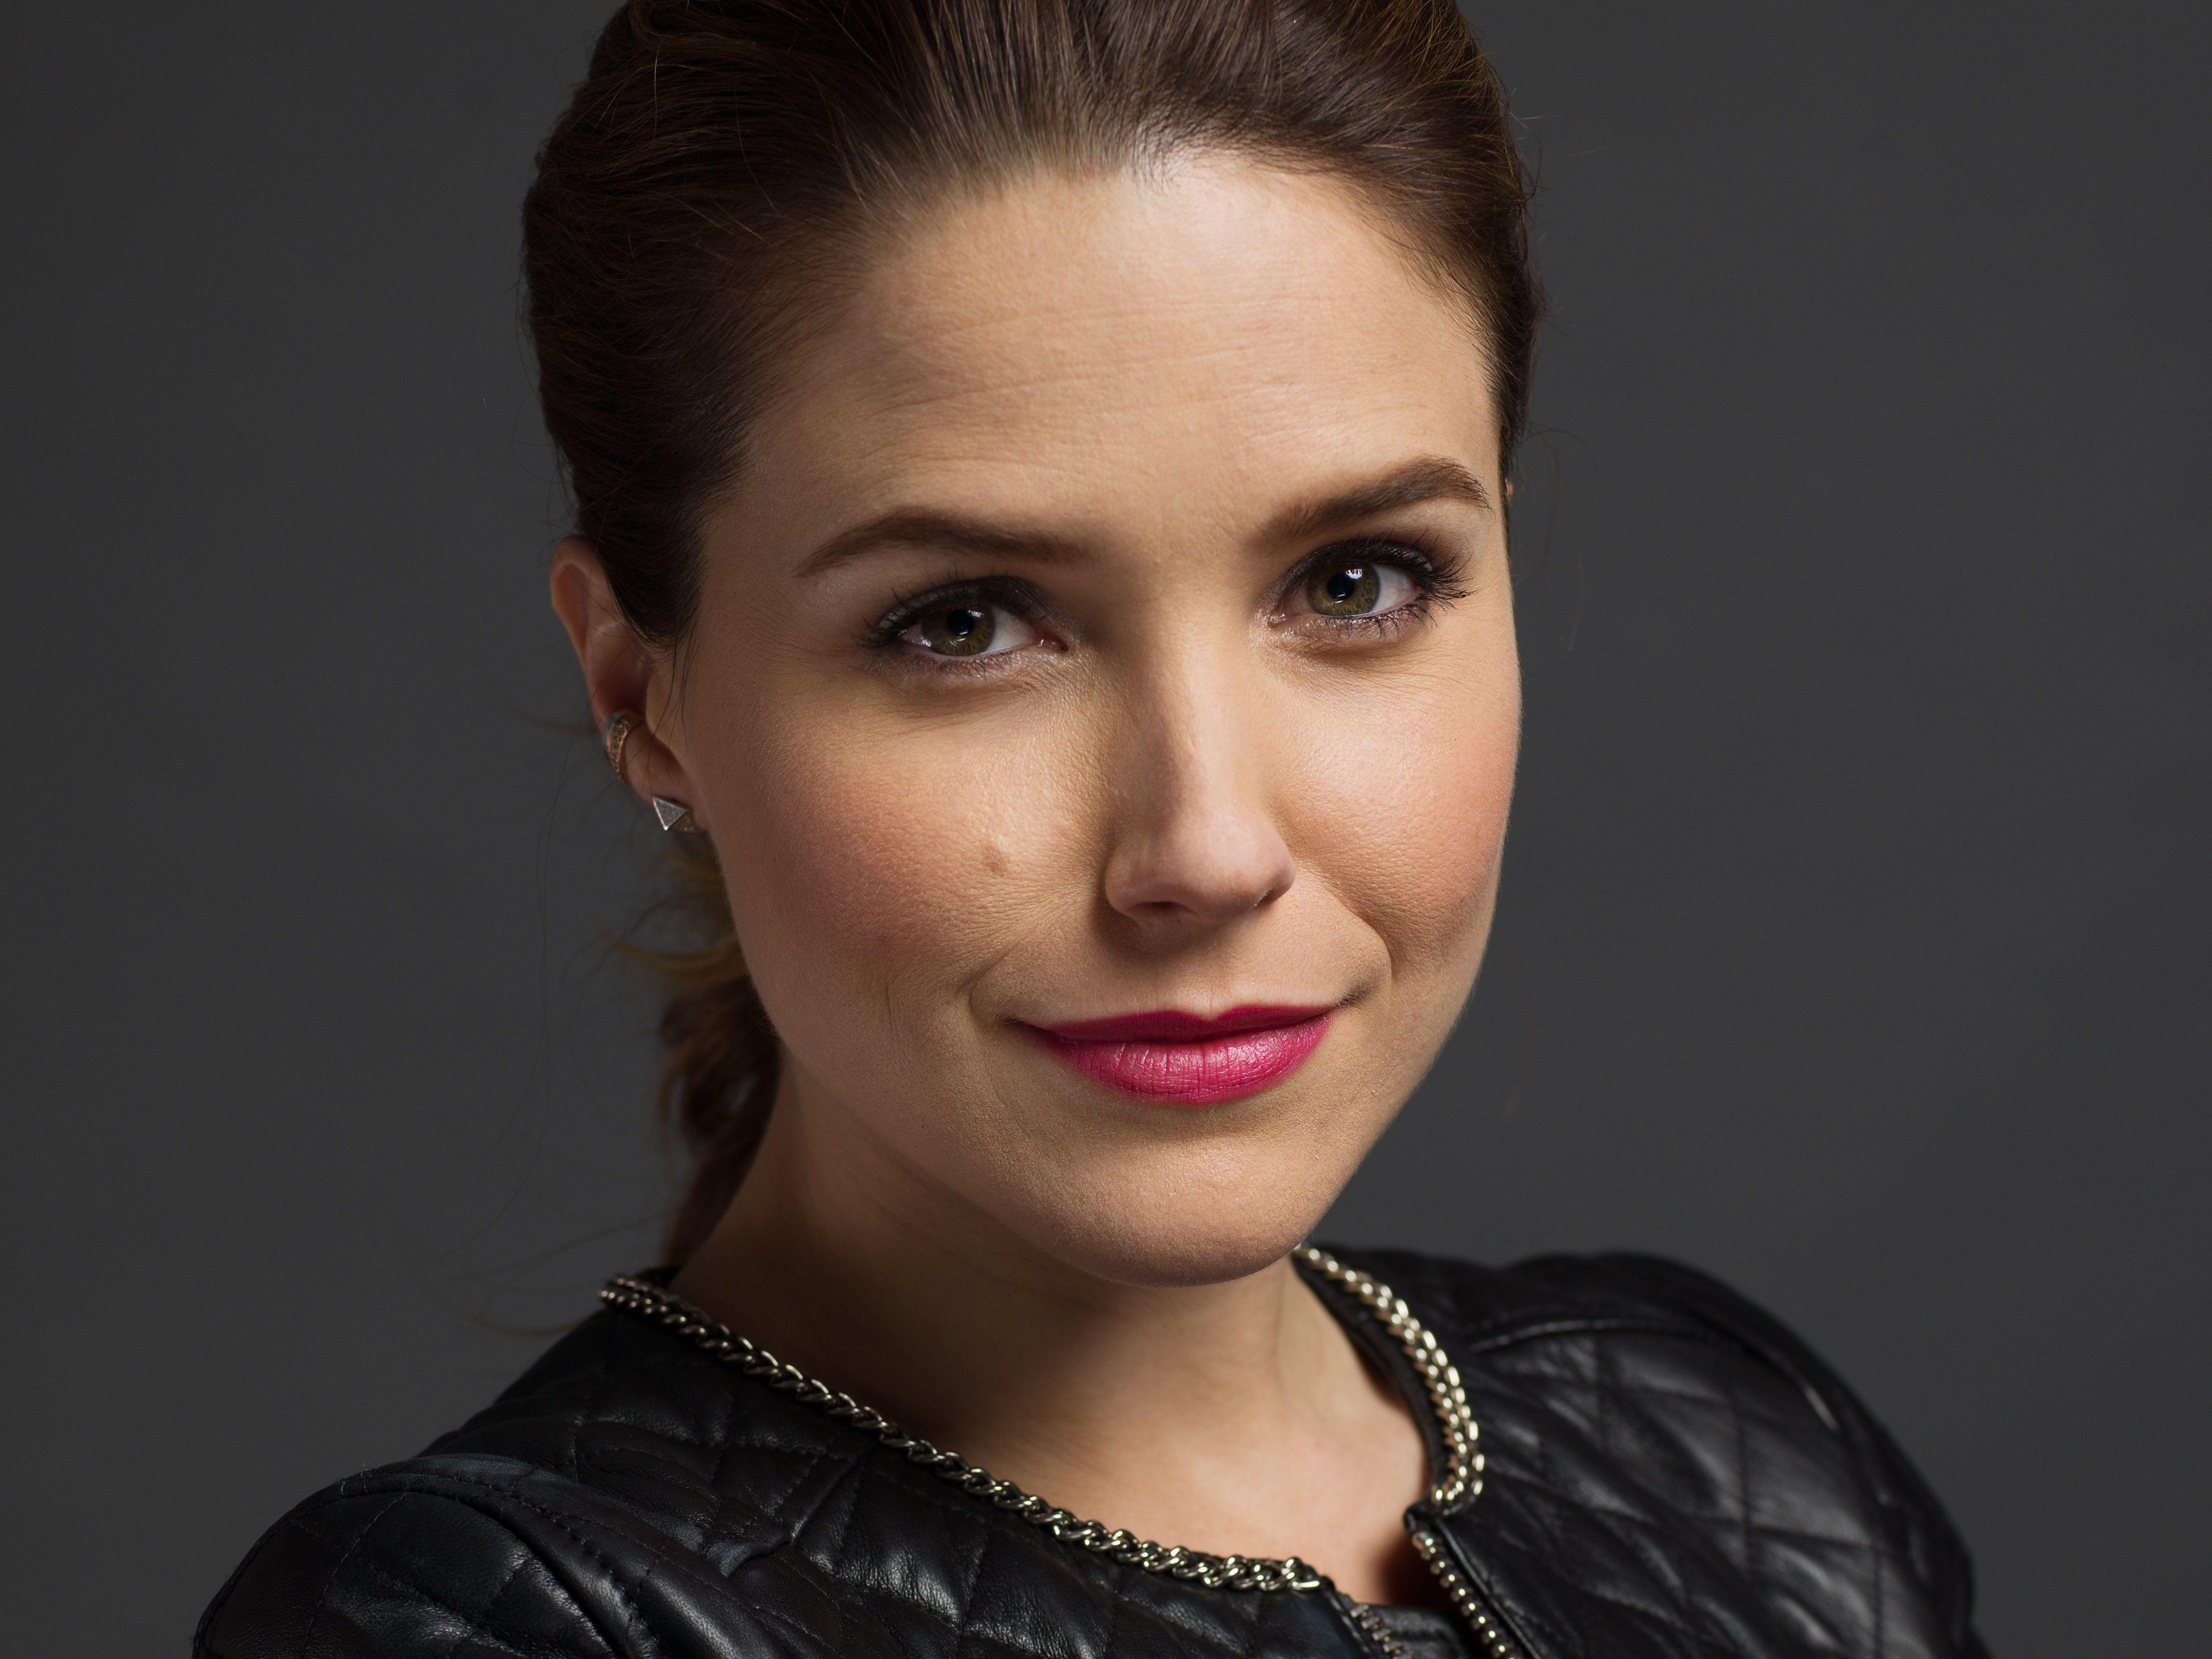 Фото актрис россии 18, Самые красивые актрисы России (Топ-30, фото) 15 фотография